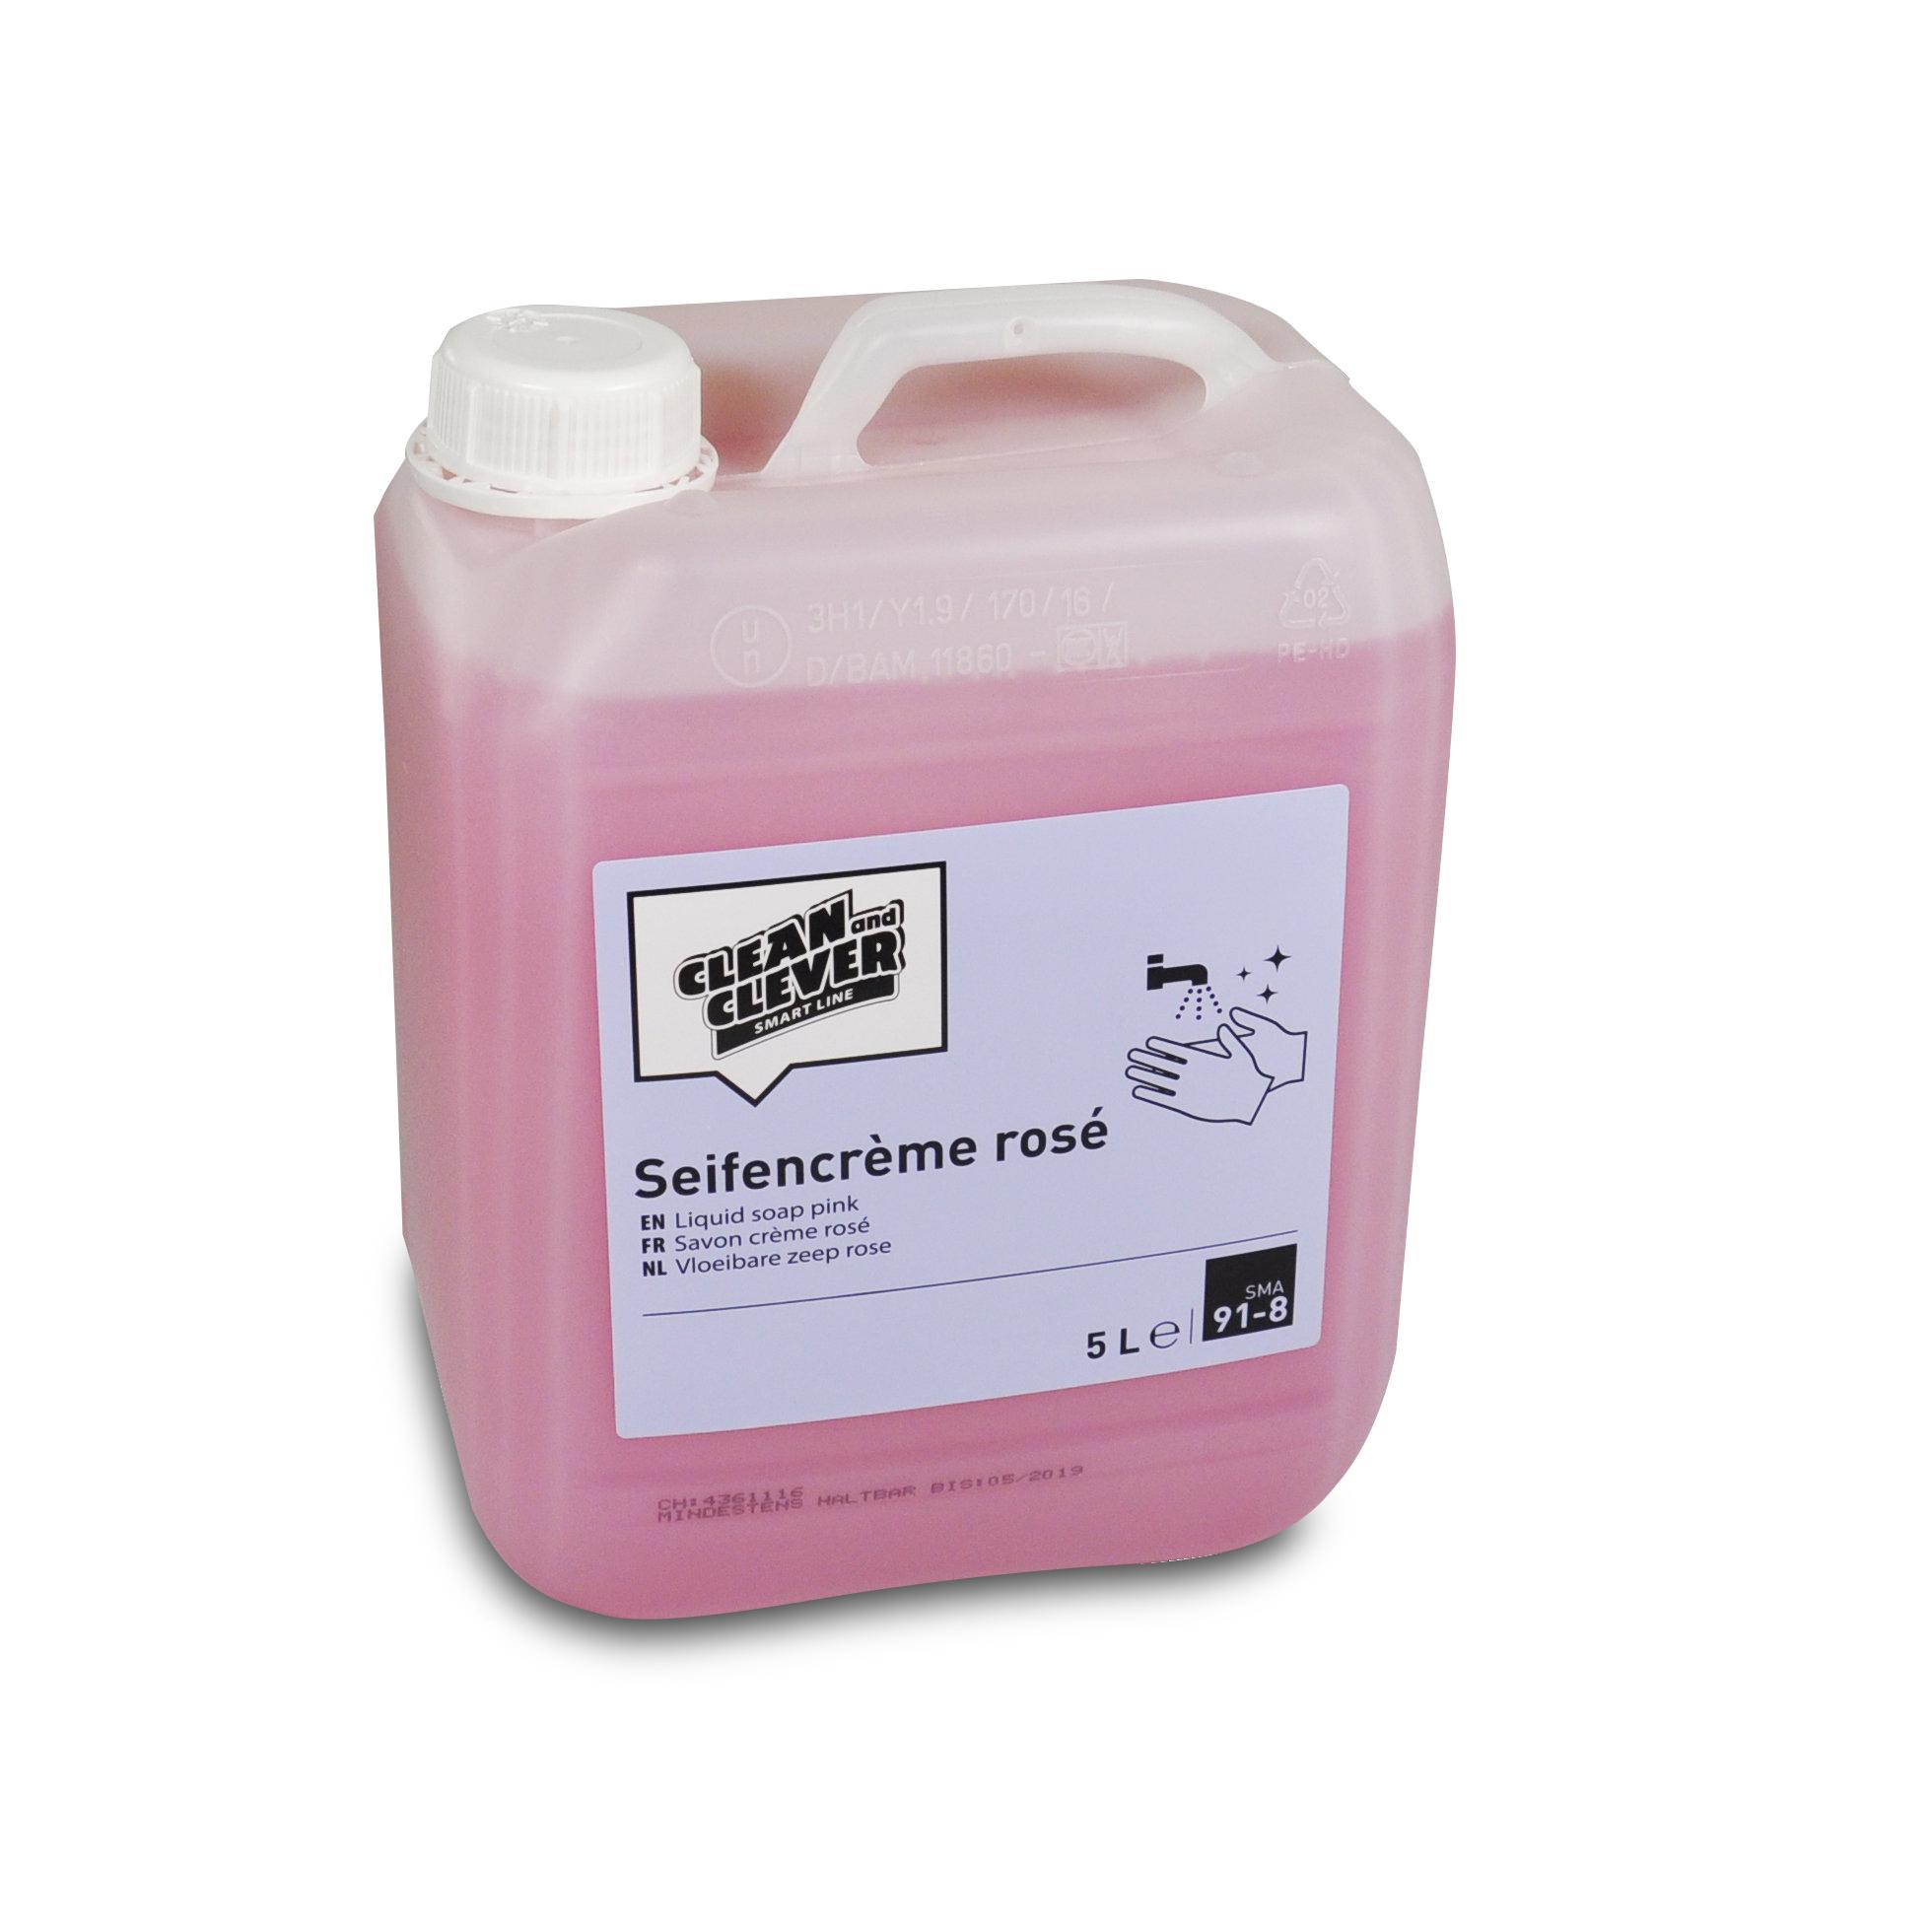 Clean&Clever Créme Savon liquide ECO91-8